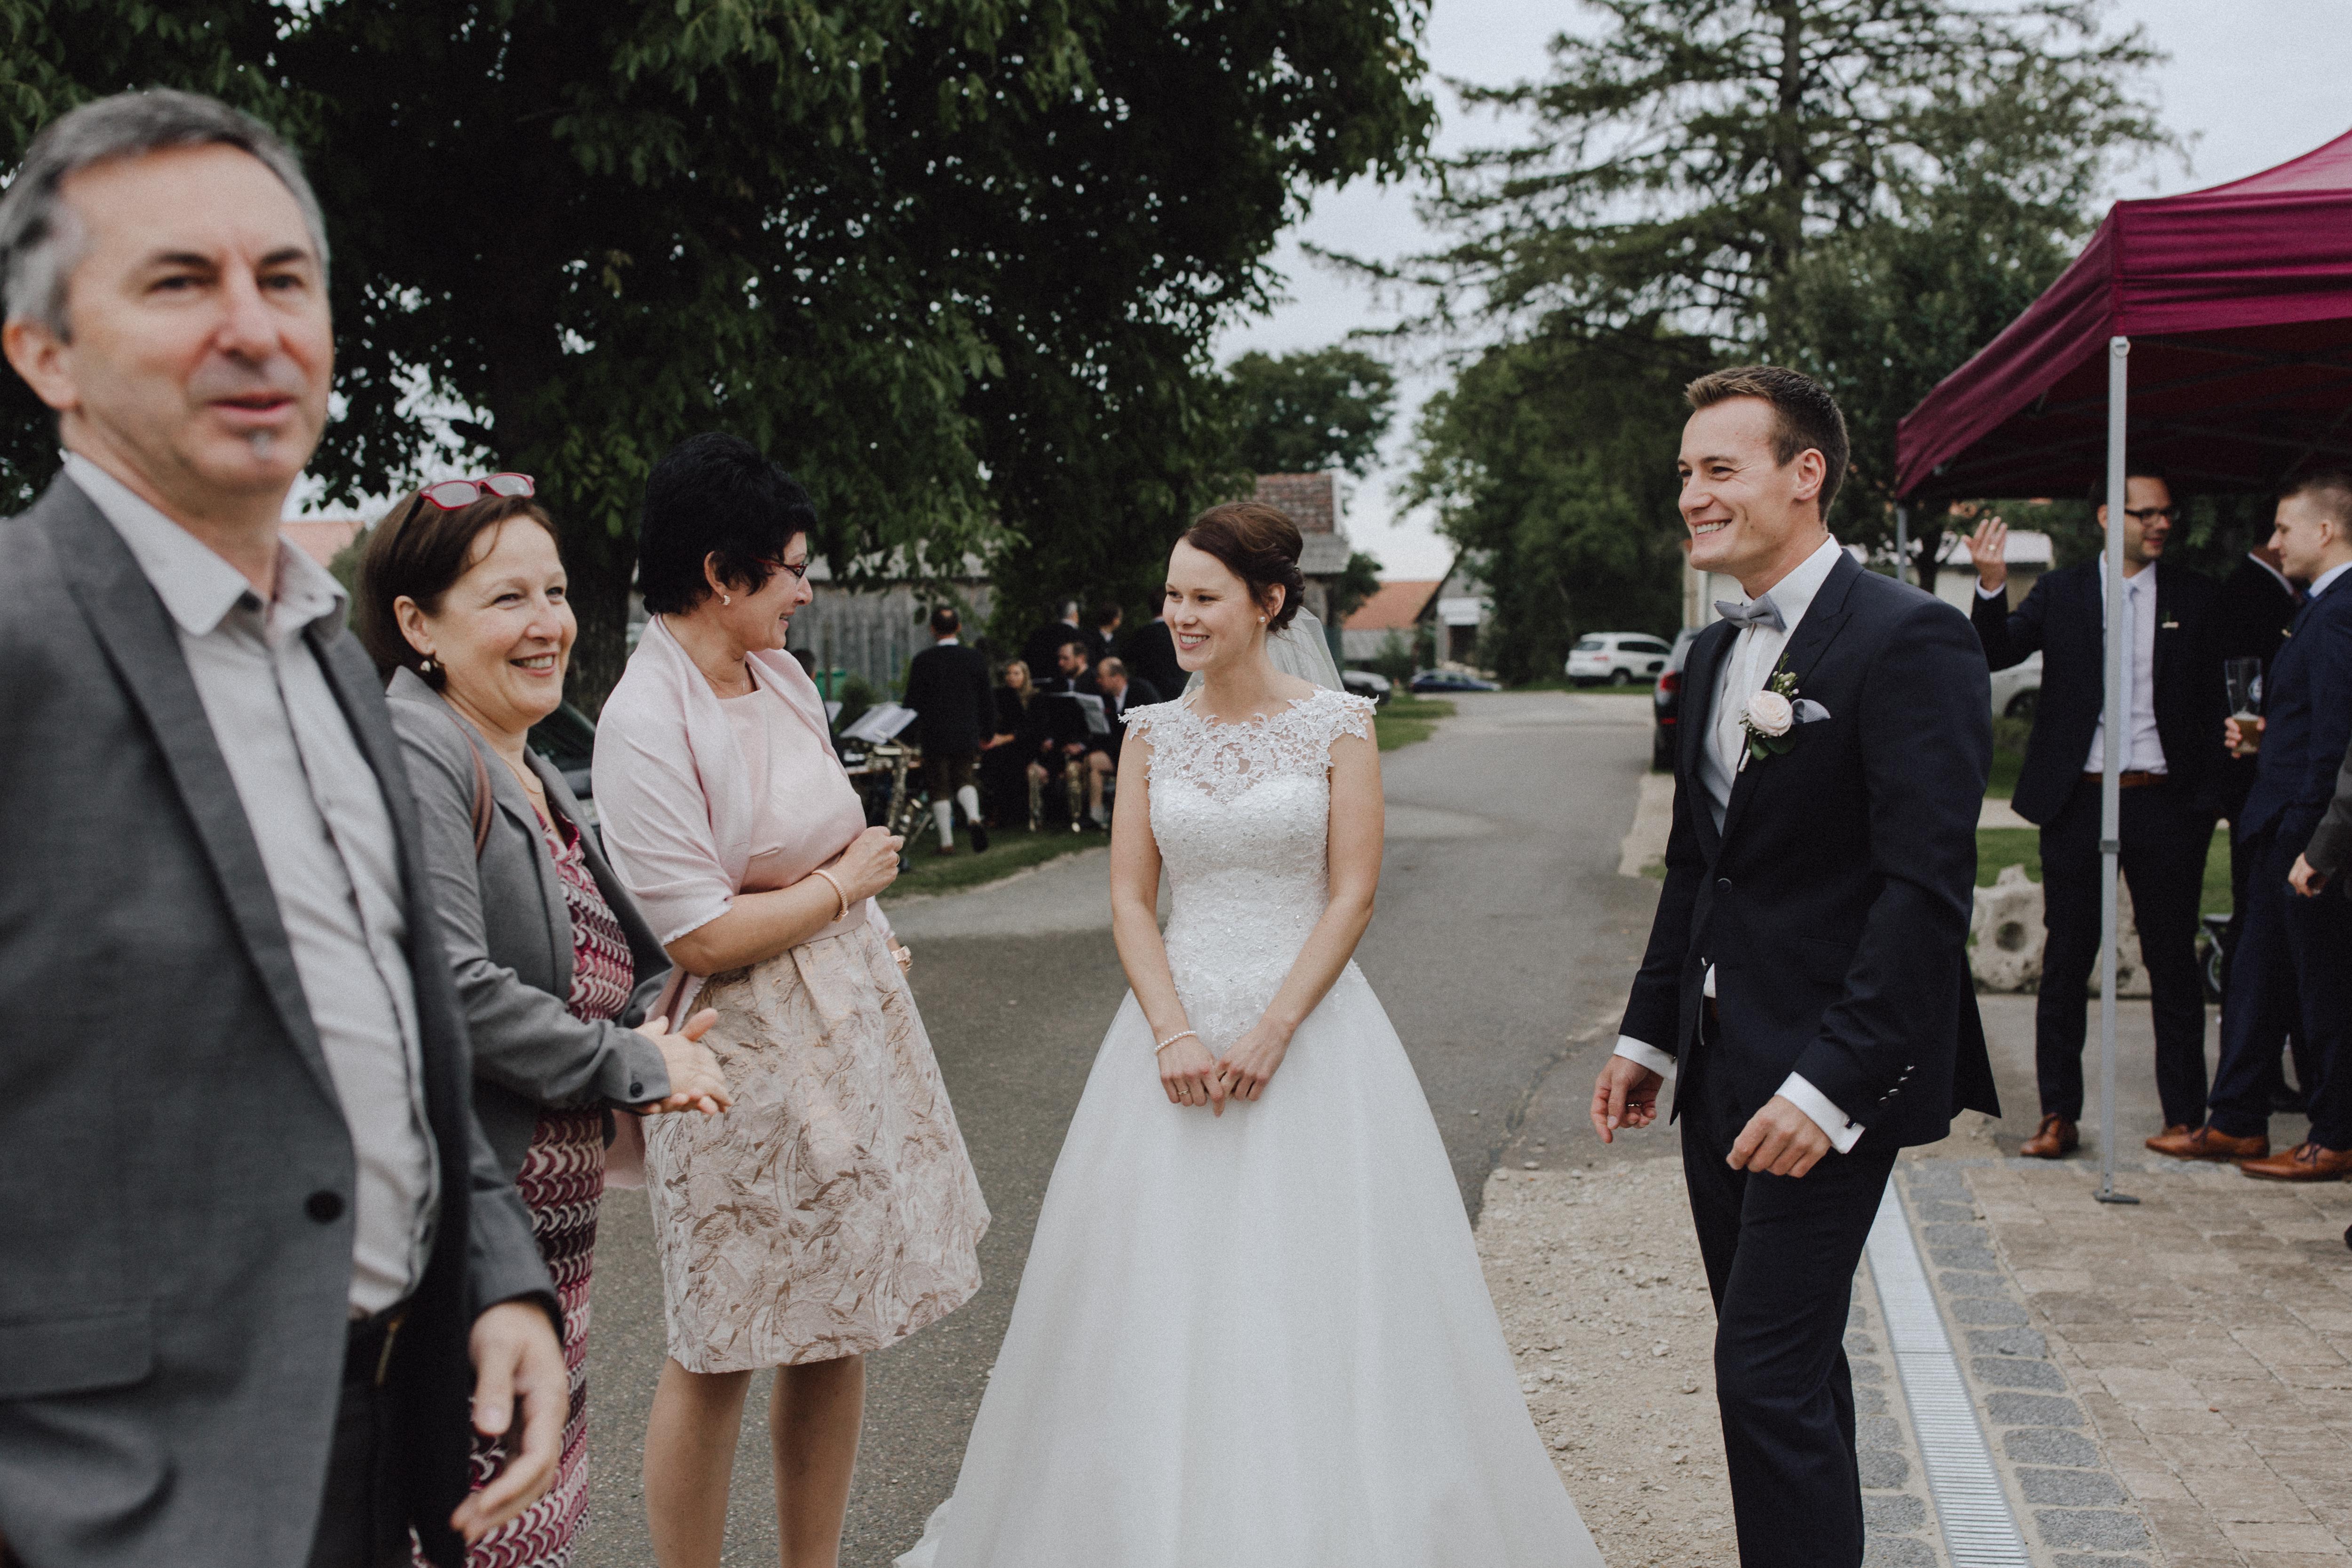 URBANERIE_Daniela_Goth_Hochzeitsfotografin_Nürnberg_Fürth_Erlangen_Schwabach_170909_0065